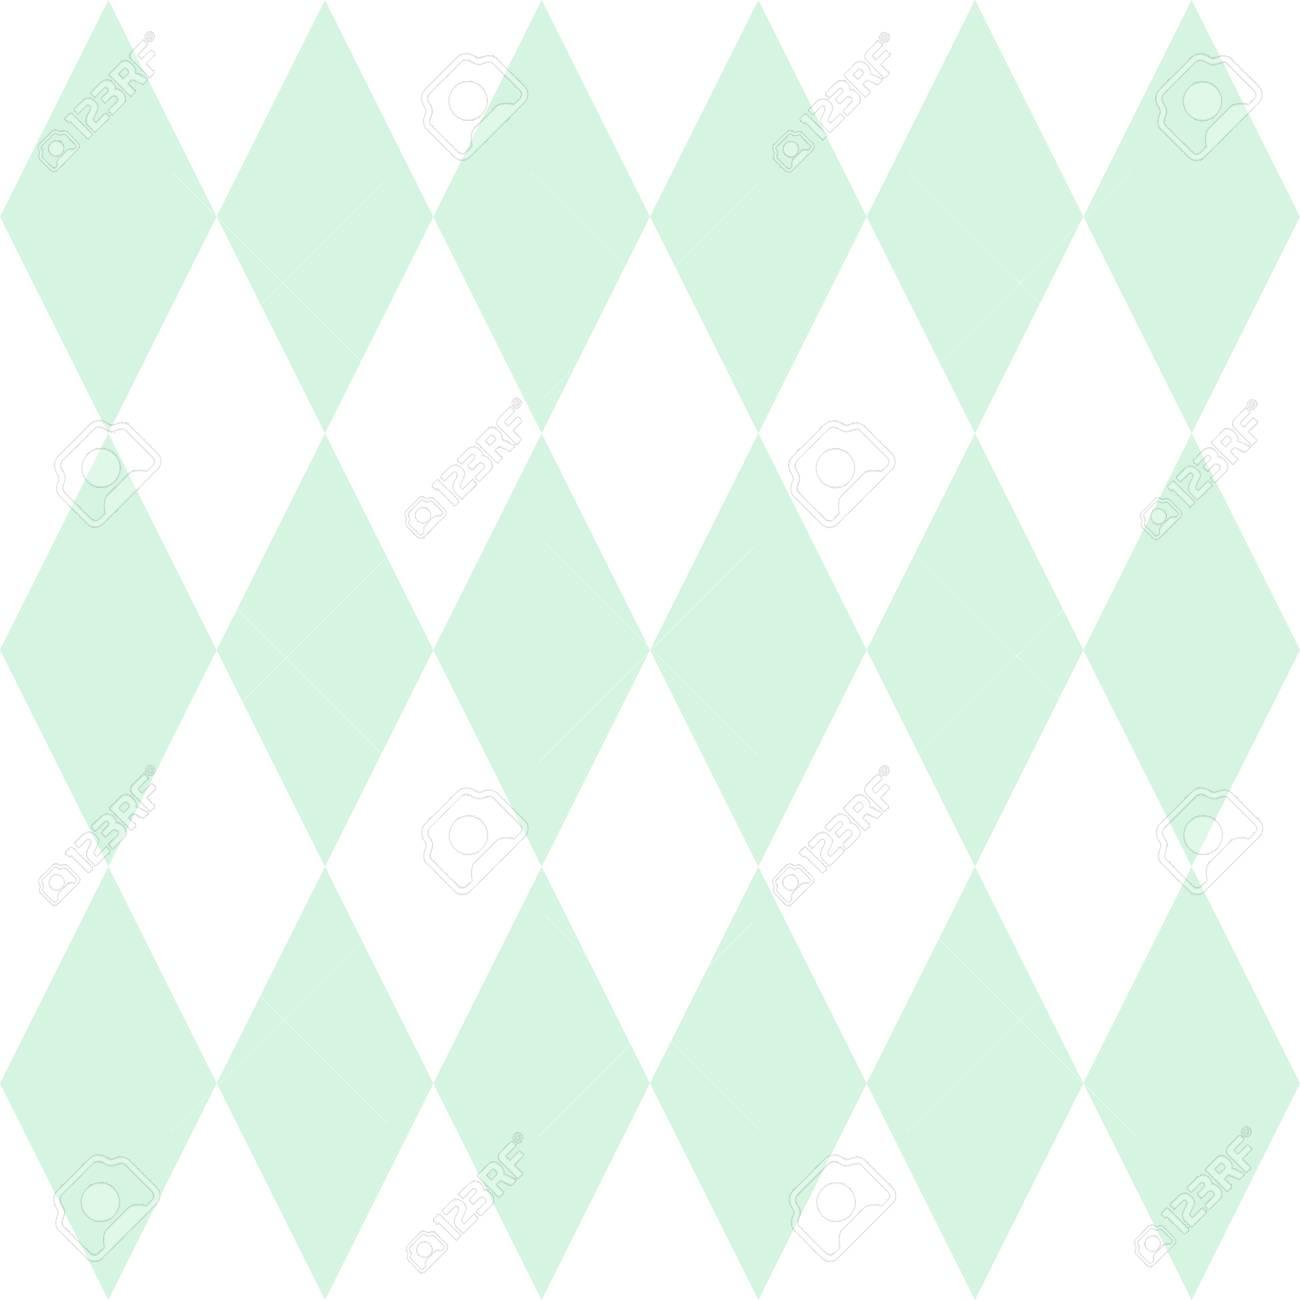 タイル パターン ベクトルまたはミント グリーンと白の壁紙の背景の